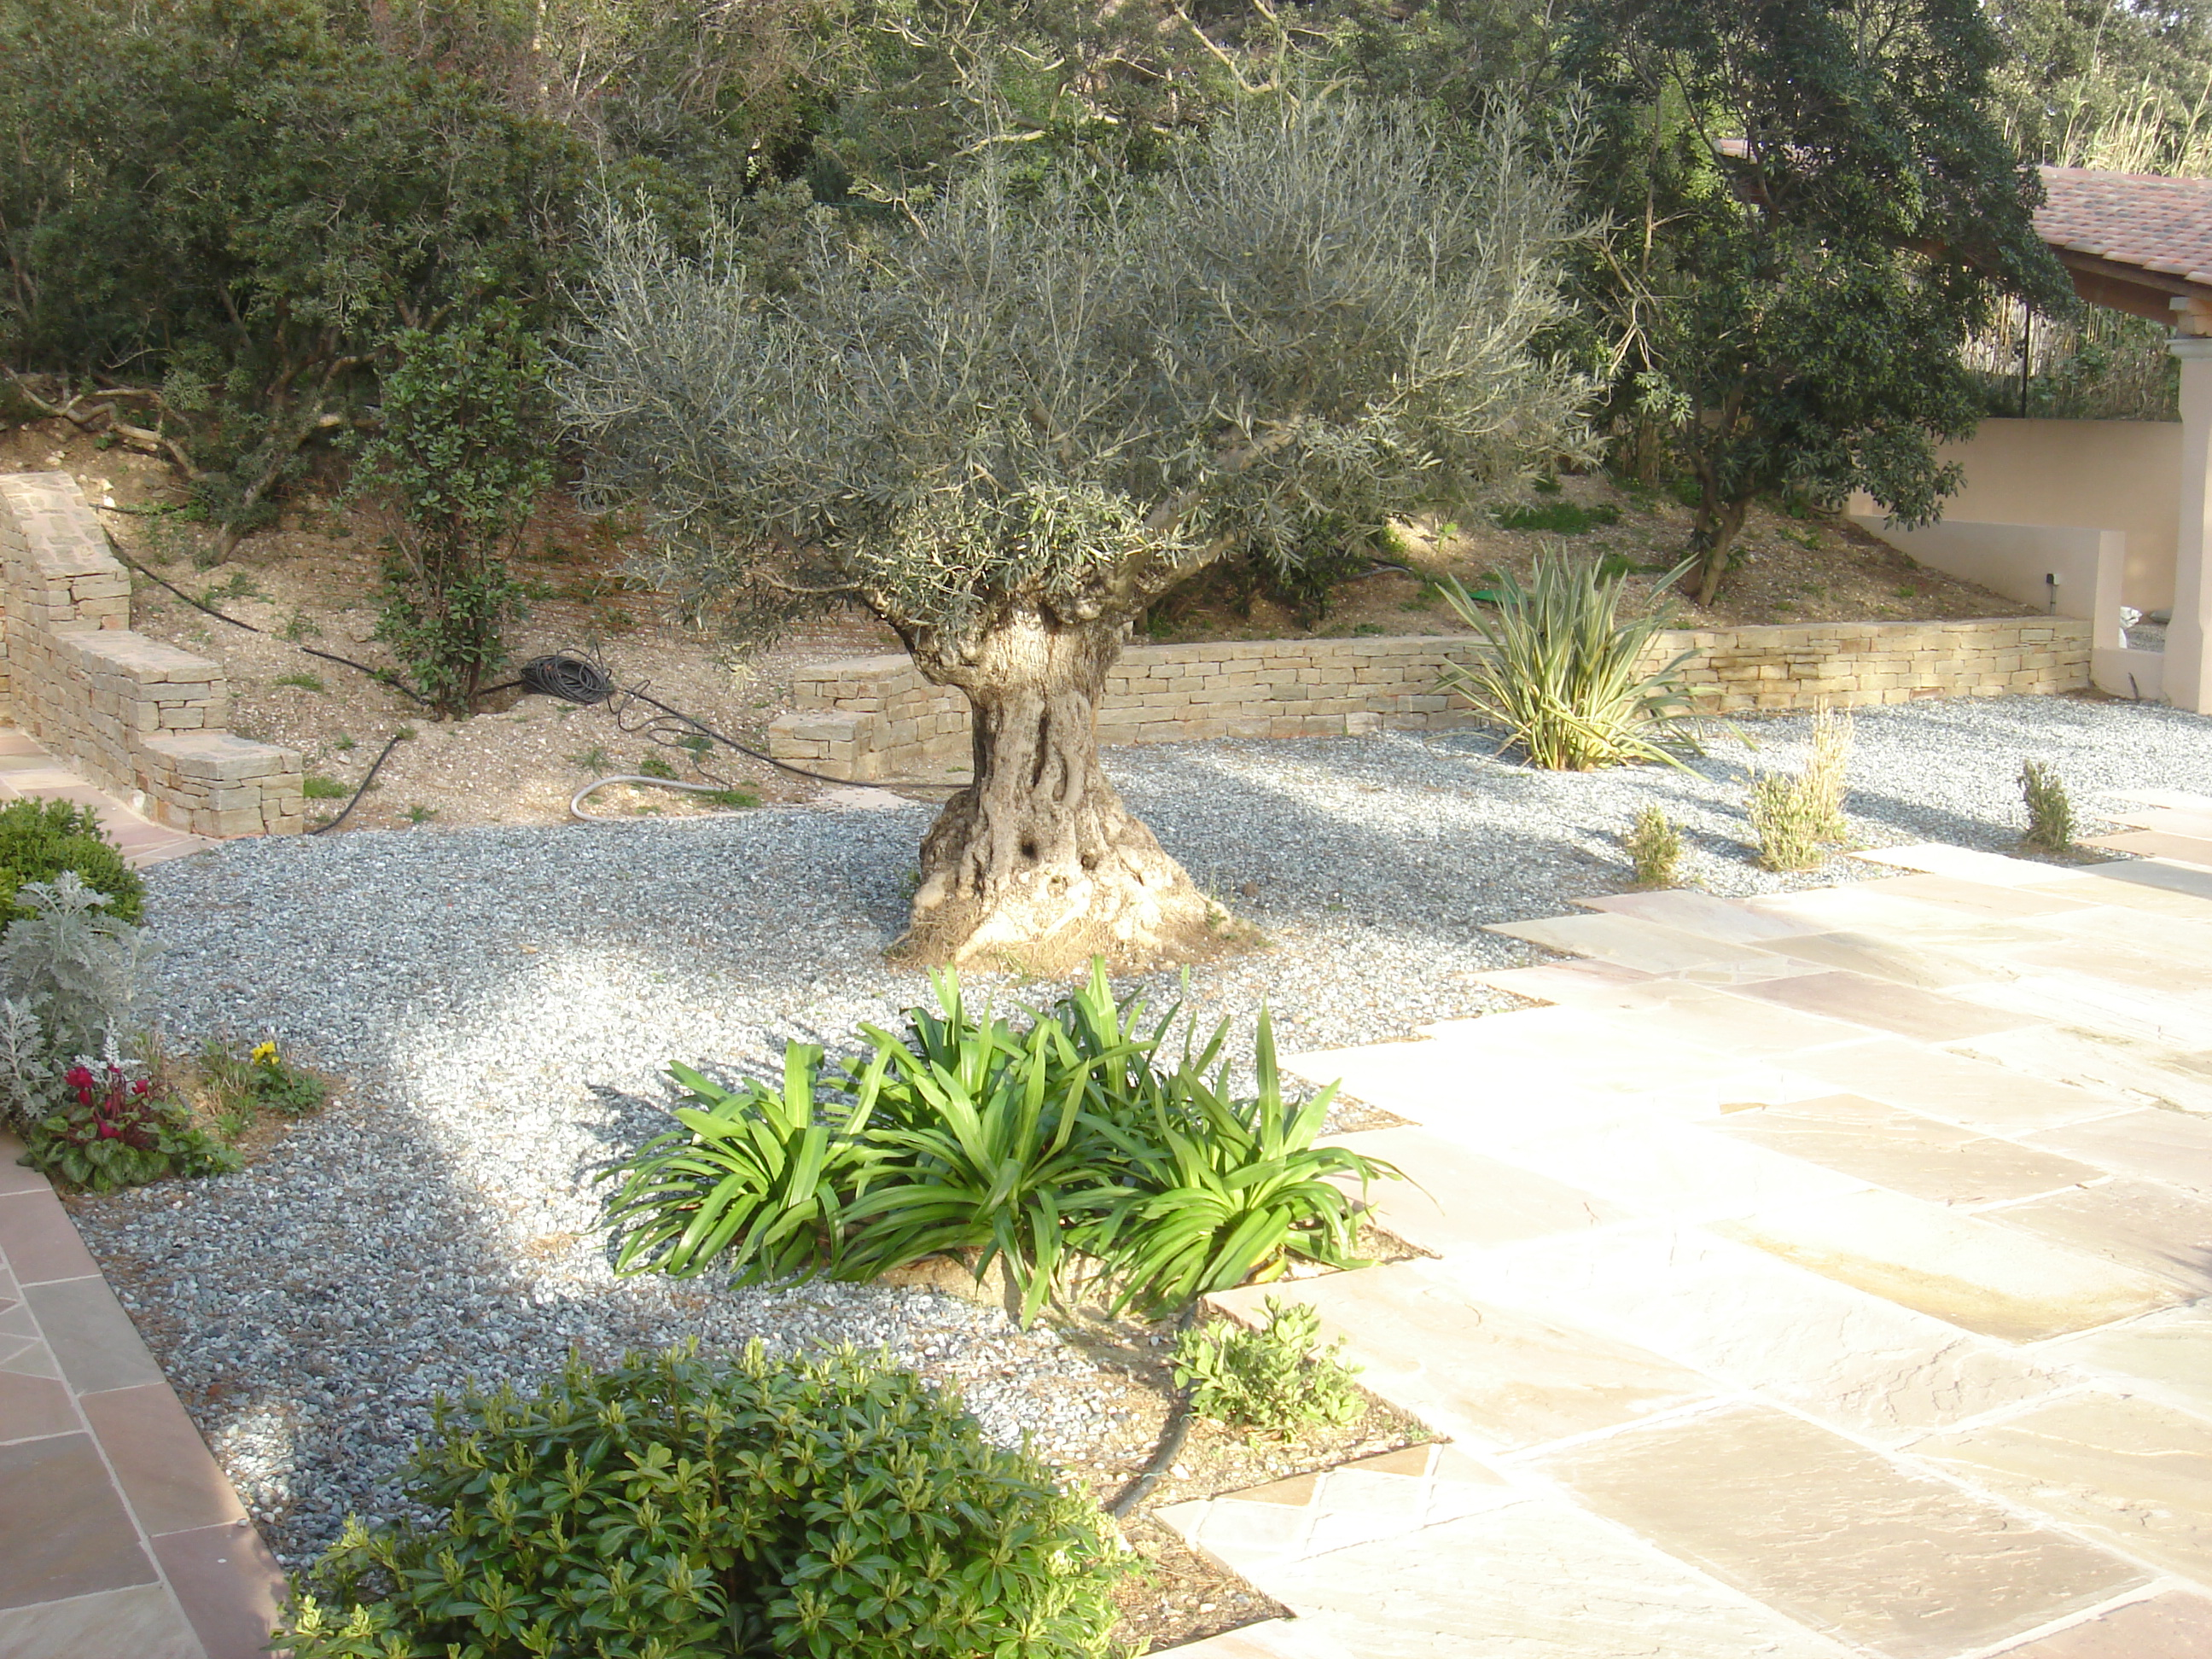 Allée en graviers et dalles pour décorer et faciliter l'accès au jardin